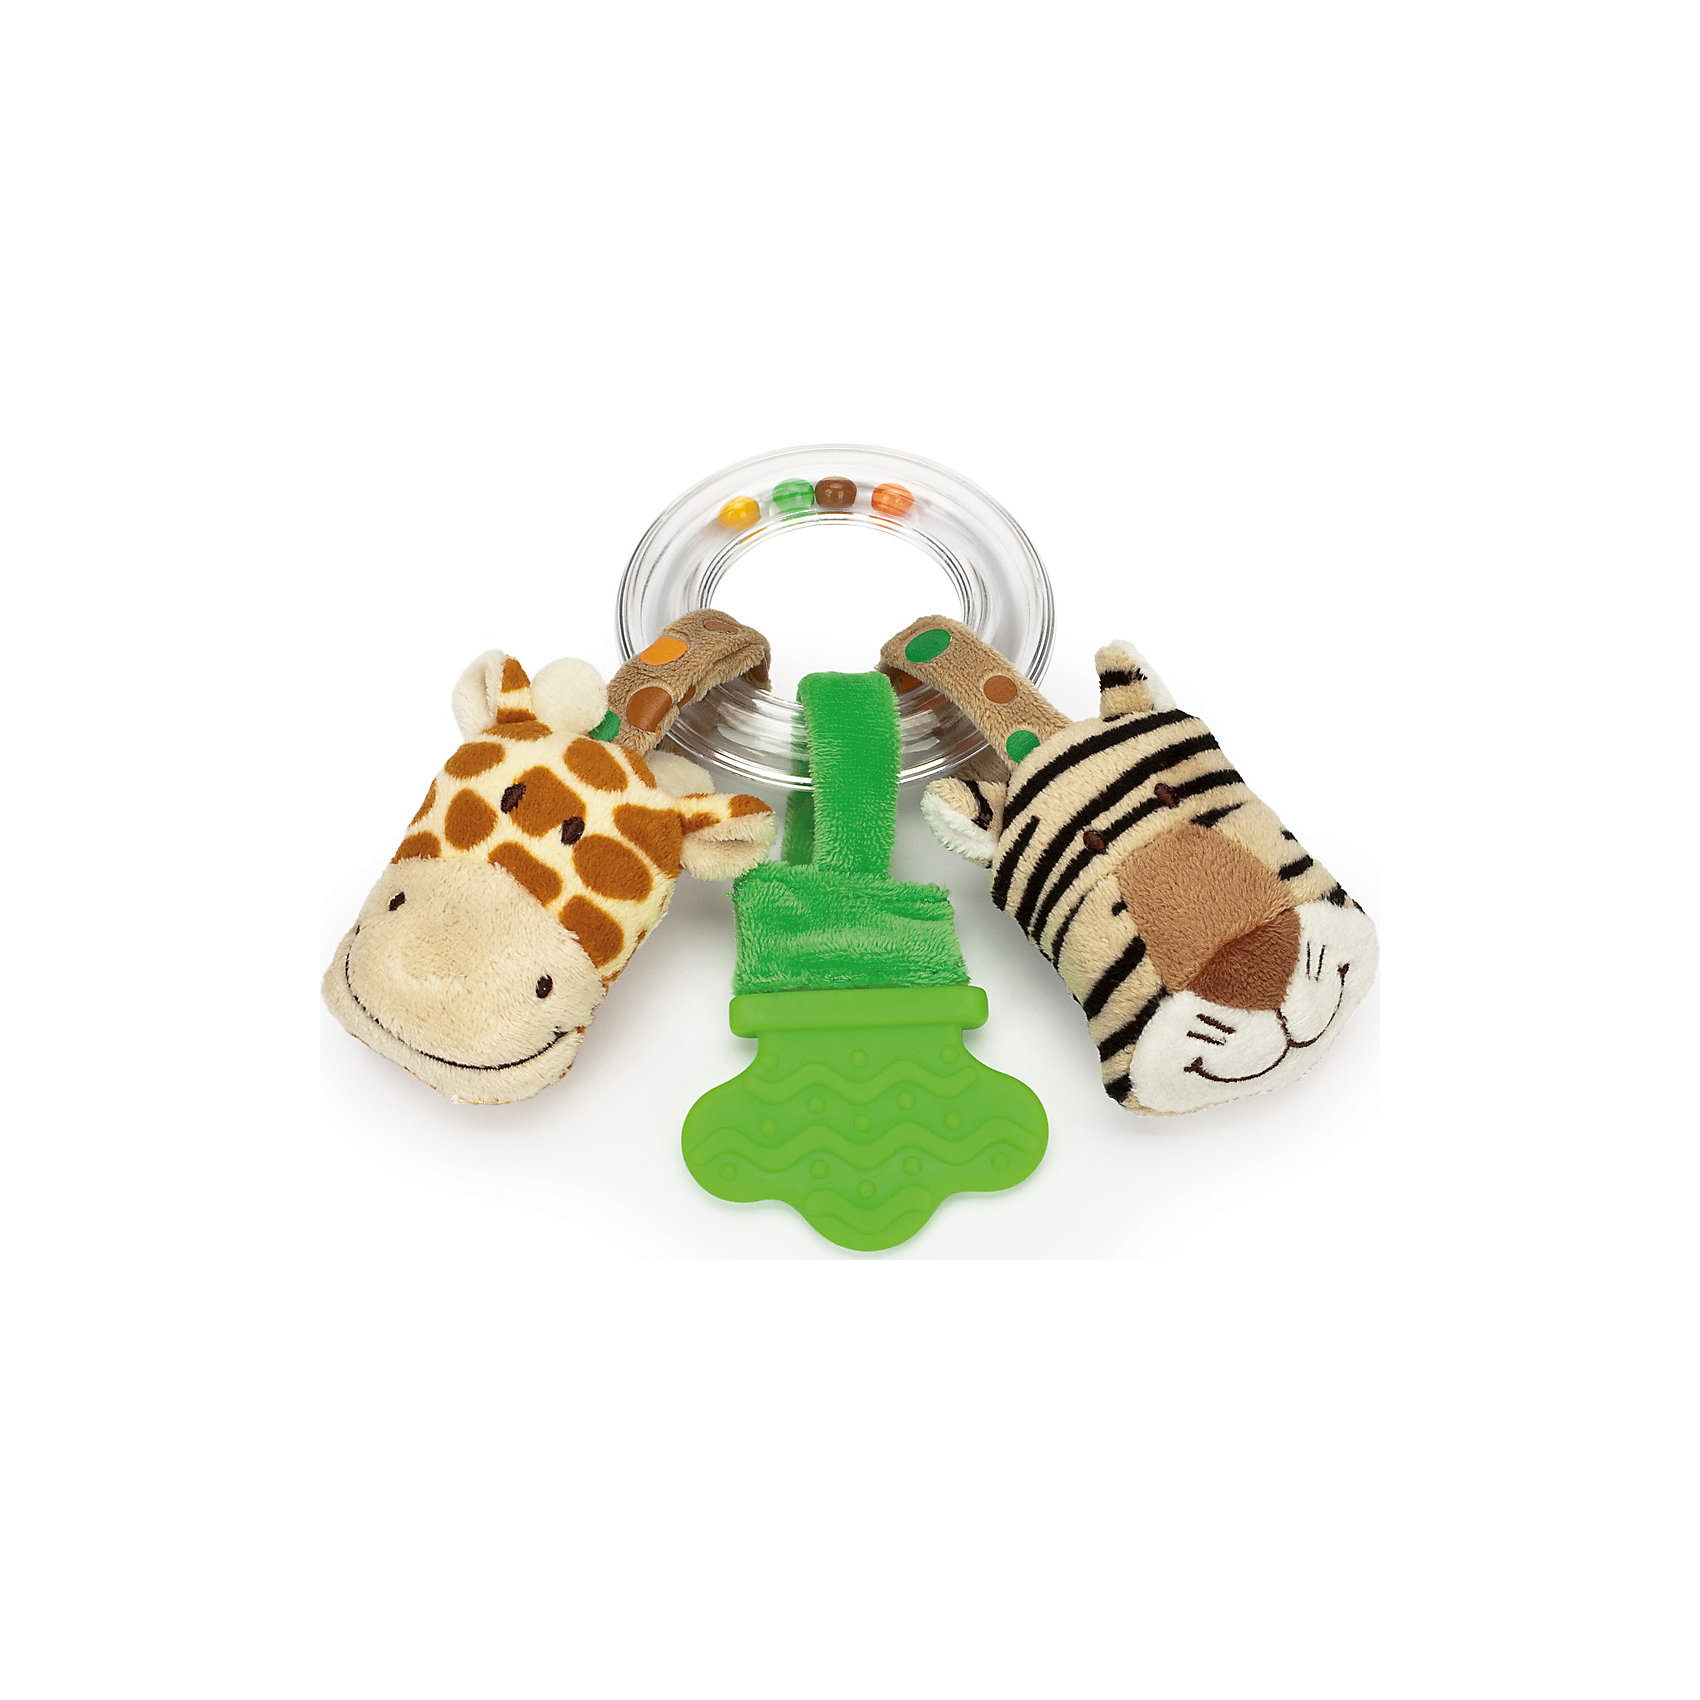 Погремушка-прорезыватель Жираф и Тигр, Динглисар, TeddykompanietИдеи подарков<br>Погремушка-прорезыватель Жираф и Тигр, Динглисар, Teddykompaniet (Тэдди и компания) <br>Очаровательная погремушка-прорезыватель Жираф и тигр от шведской компании Teddykompaniet поможет малышу развить зрительное и слуховое восприятие, тактильные ощущения и координацию движений, а также пережить трудный период появления первых зубов. Пластиковое прозрачное кольцо, внутри которого перекатываются разноцветные шарики, выполняет функцию держателя. К кольцу крепятся на липучках две игрушки в виде головы тигренка и головы жирафа, а также рельефный прорезыватель. Внутри головы тигра находится шуршащий элемент, внутри головы жирафа спрятана пищалка. Благодаря липучкам, игрушки можно легко отстегнуть от кольца и играть отдельно. Товар полностью соответствует европейским и российским стандартам качества.<br><br>Дополнительная информация:<br><br>- Размер: 17 см.<br>- Материал: текстиль велюр, пластик<br><br>Погремушку-прорезыватель Жираф и Тигр, Динглисар, Teddykompaniet (Тэдди и компания) можно купить в нашем интернет-магазине.<br><br>Ширина мм: 100<br>Глубина мм: 100<br>Высота мм: 50<br>Вес г: 170<br>Возраст от месяцев: 6<br>Возраст до месяцев: 12<br>Пол: Унисекс<br>Возраст: Детский<br>SKU: 4902233